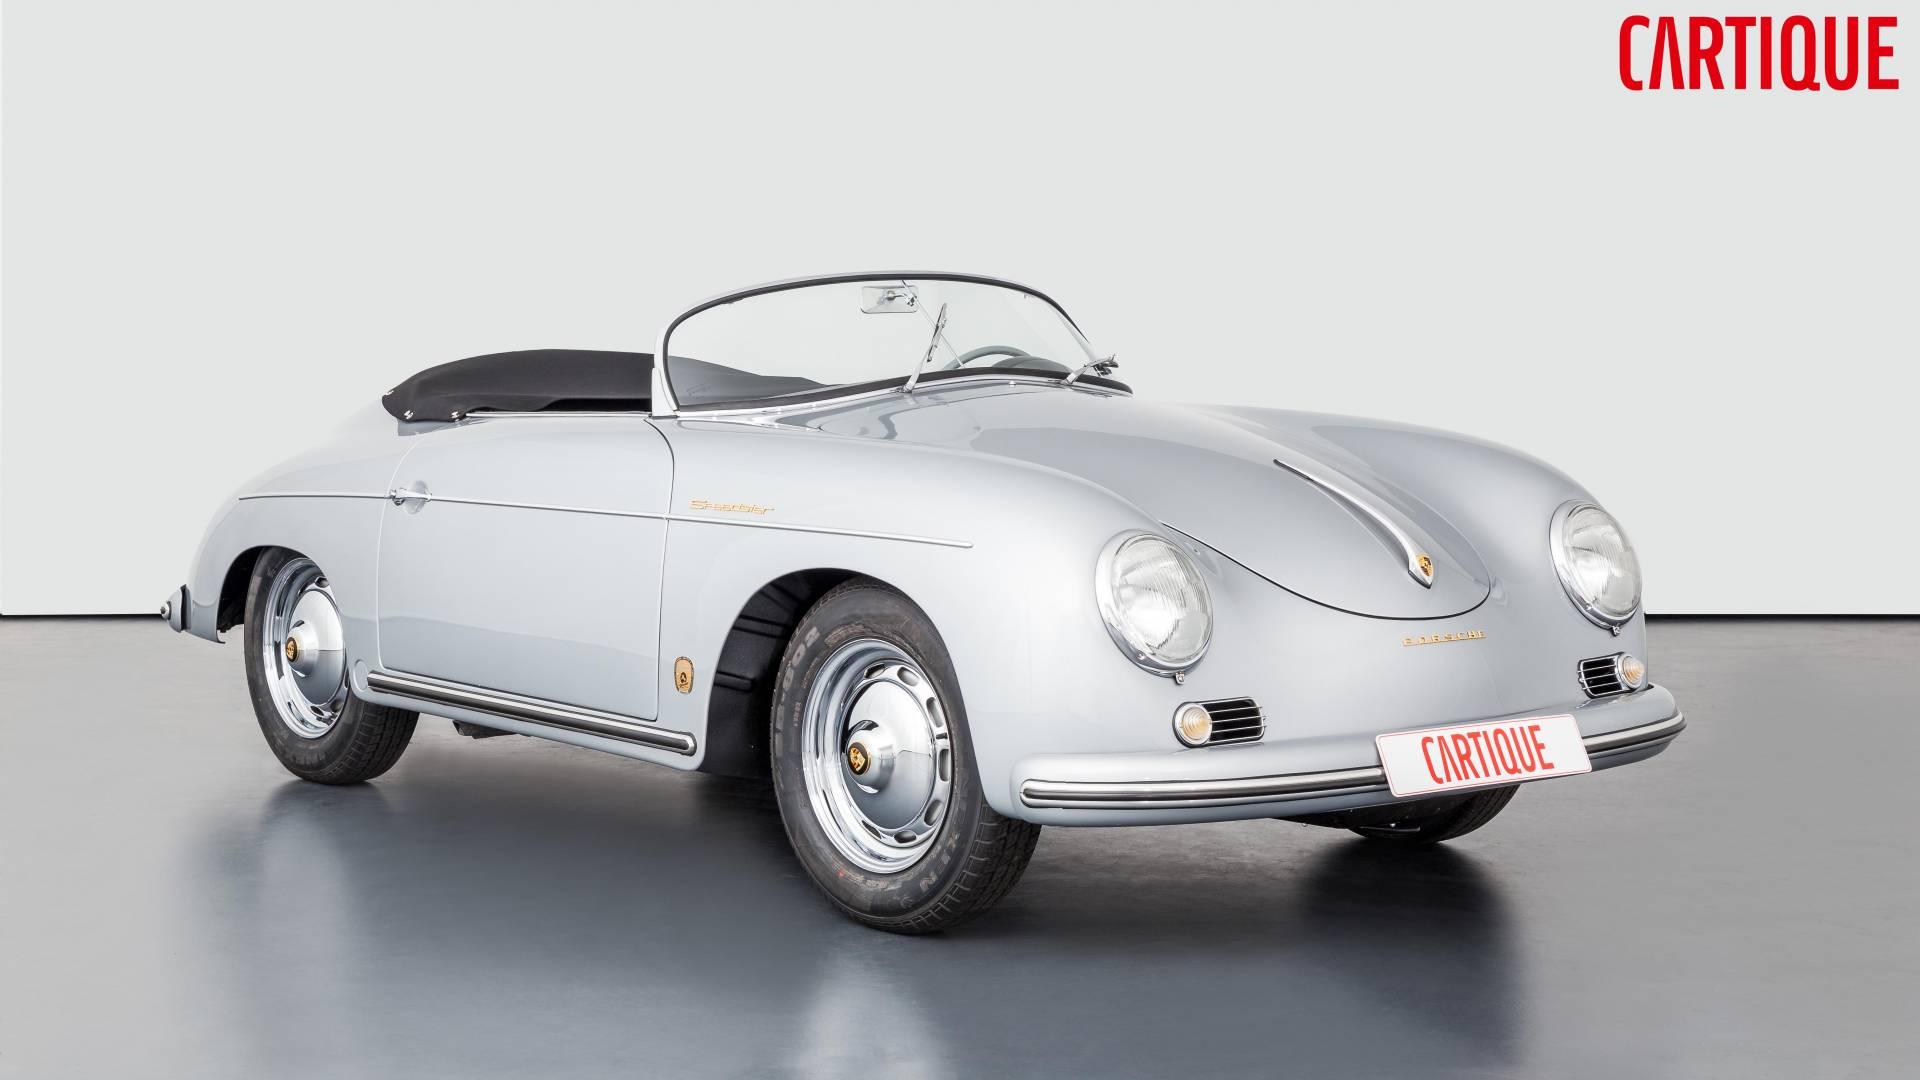 For Sale Porsche 356 1600 Speedster 1956 Offered For Gbp 325 864